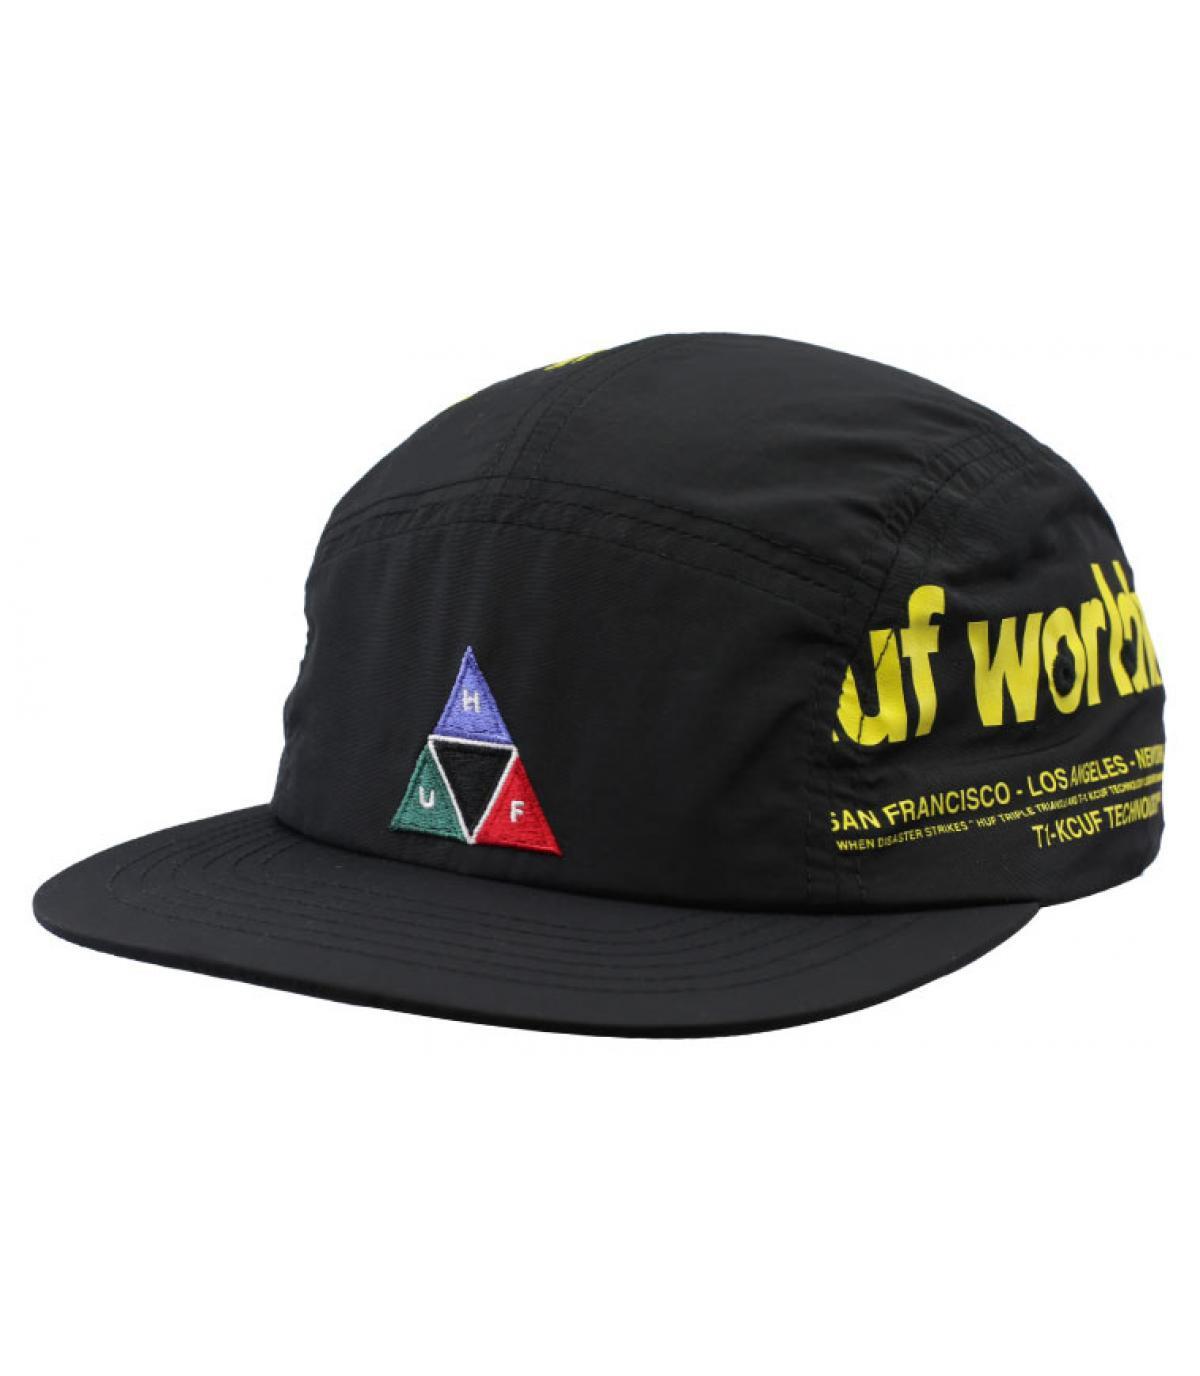 Gorra 5 paneles - Compra venta de Gorras 5 paneles. Primera sombrerería en  línea. Entrega en 48 72horas. ca1ef36544a